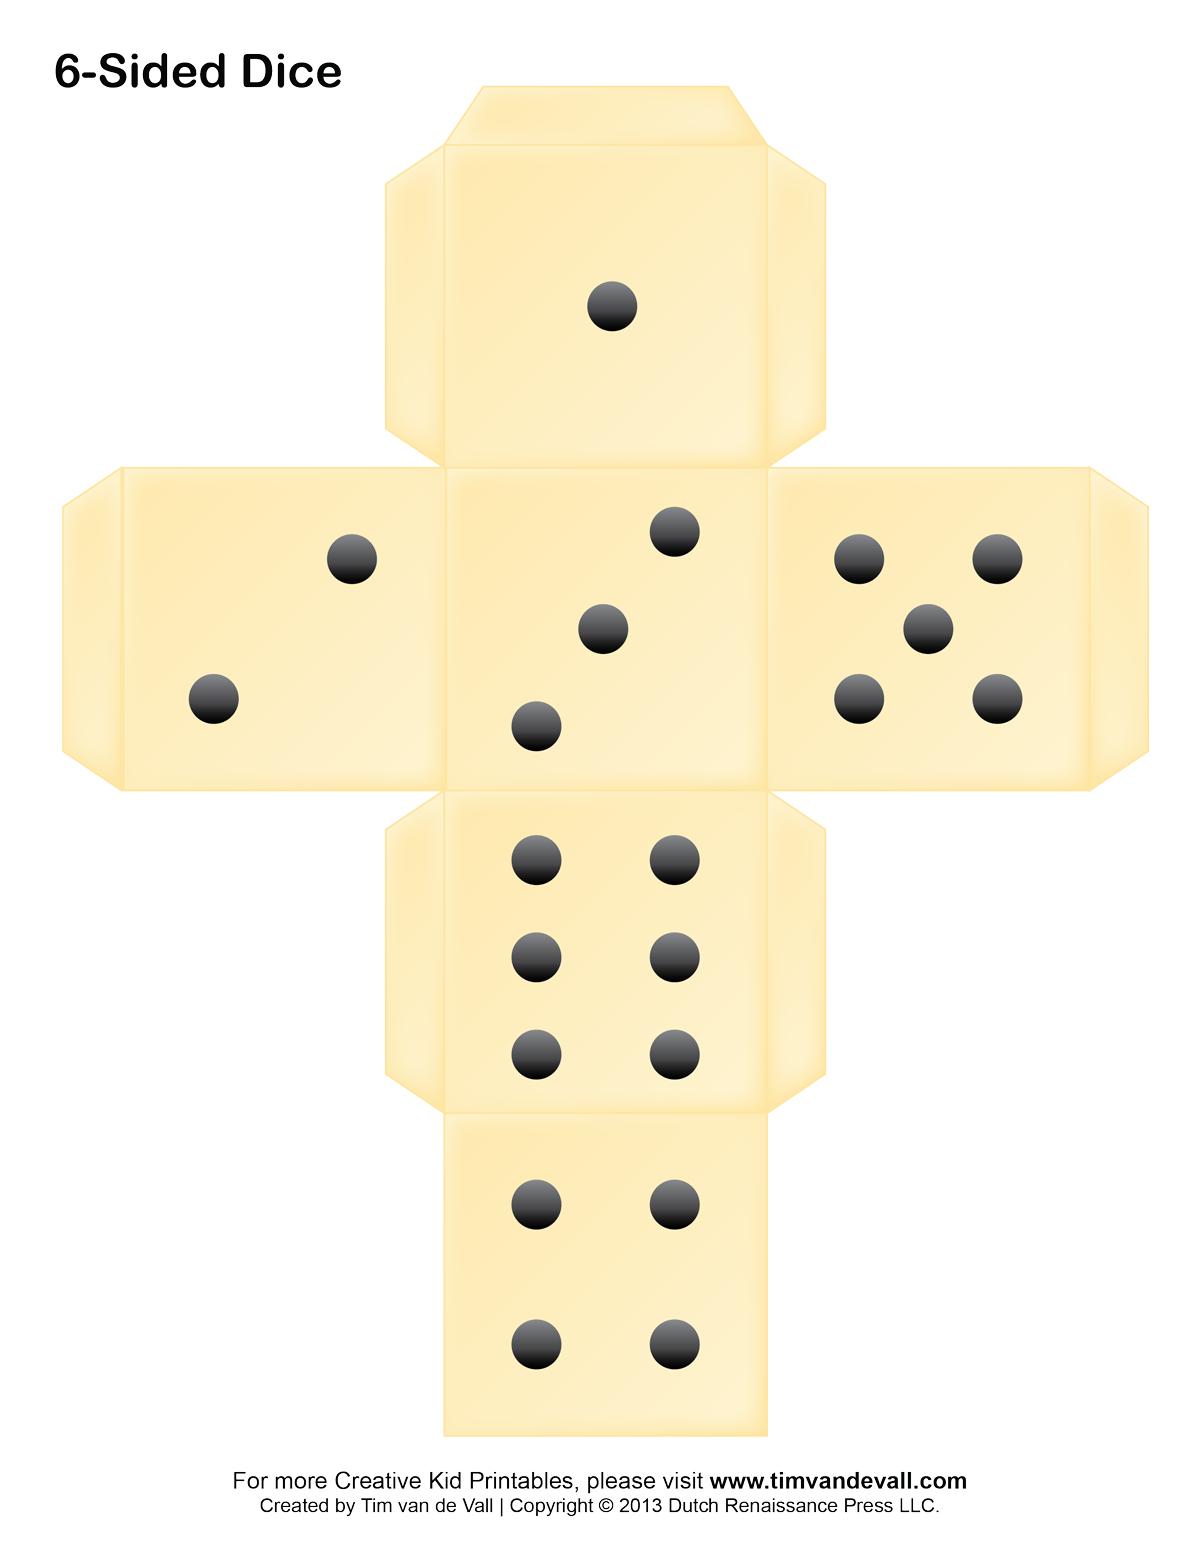 the dice game essay Gilles schaufelberger dice game in old india from the essay of heinrich lüders das würfelspiel im alten indien berlin, 1906.